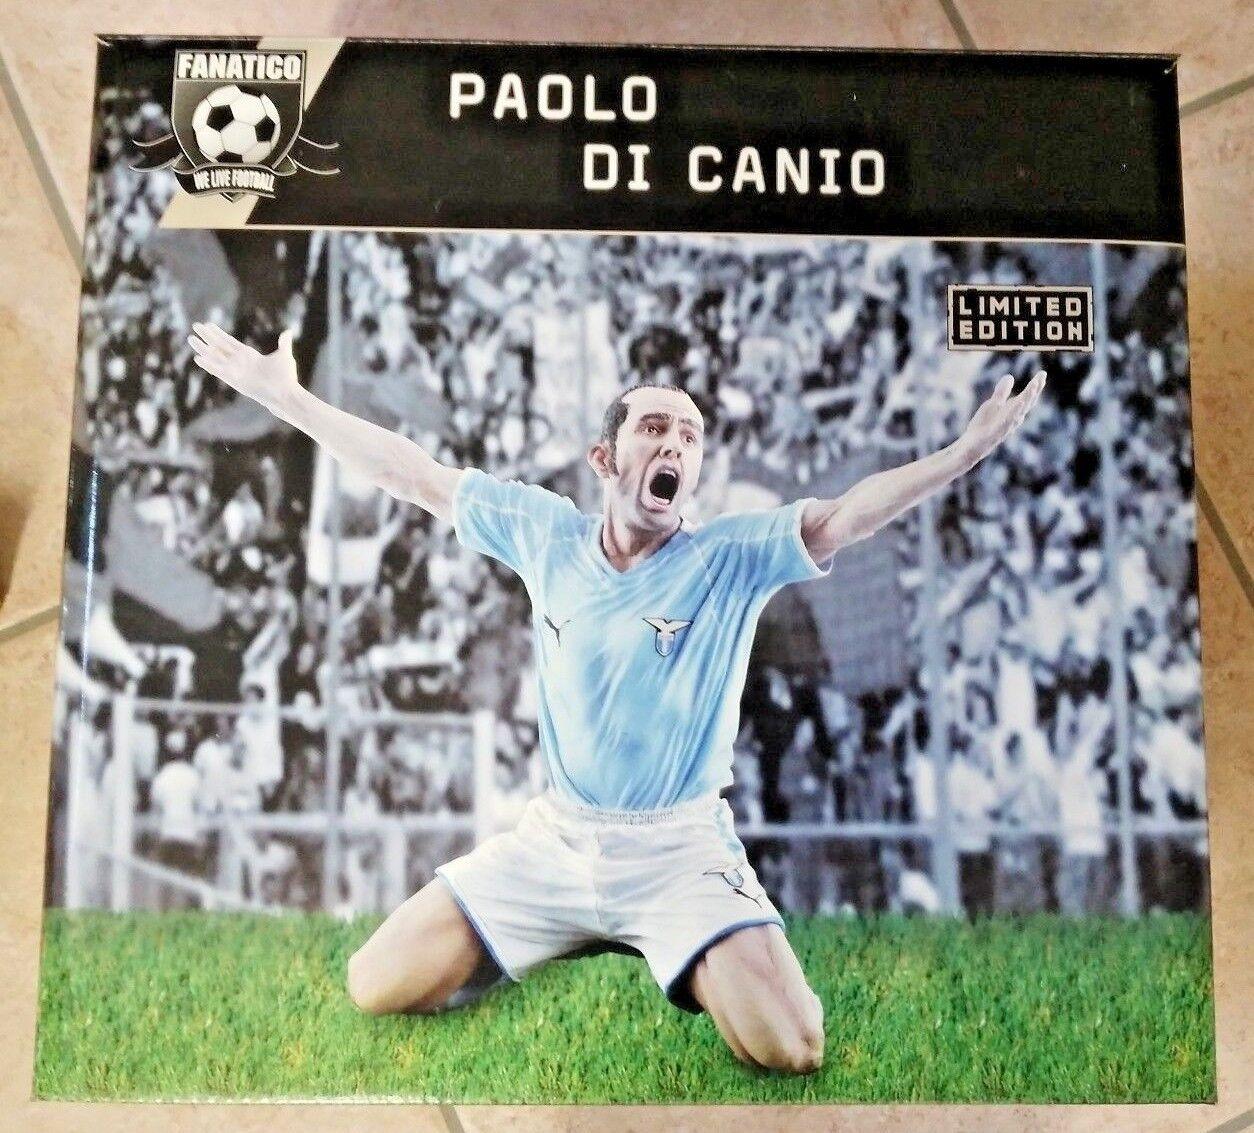 ACTION FIGURE SCALA 1 9 FANATICO PAOLO DI CANIO edizione limitata